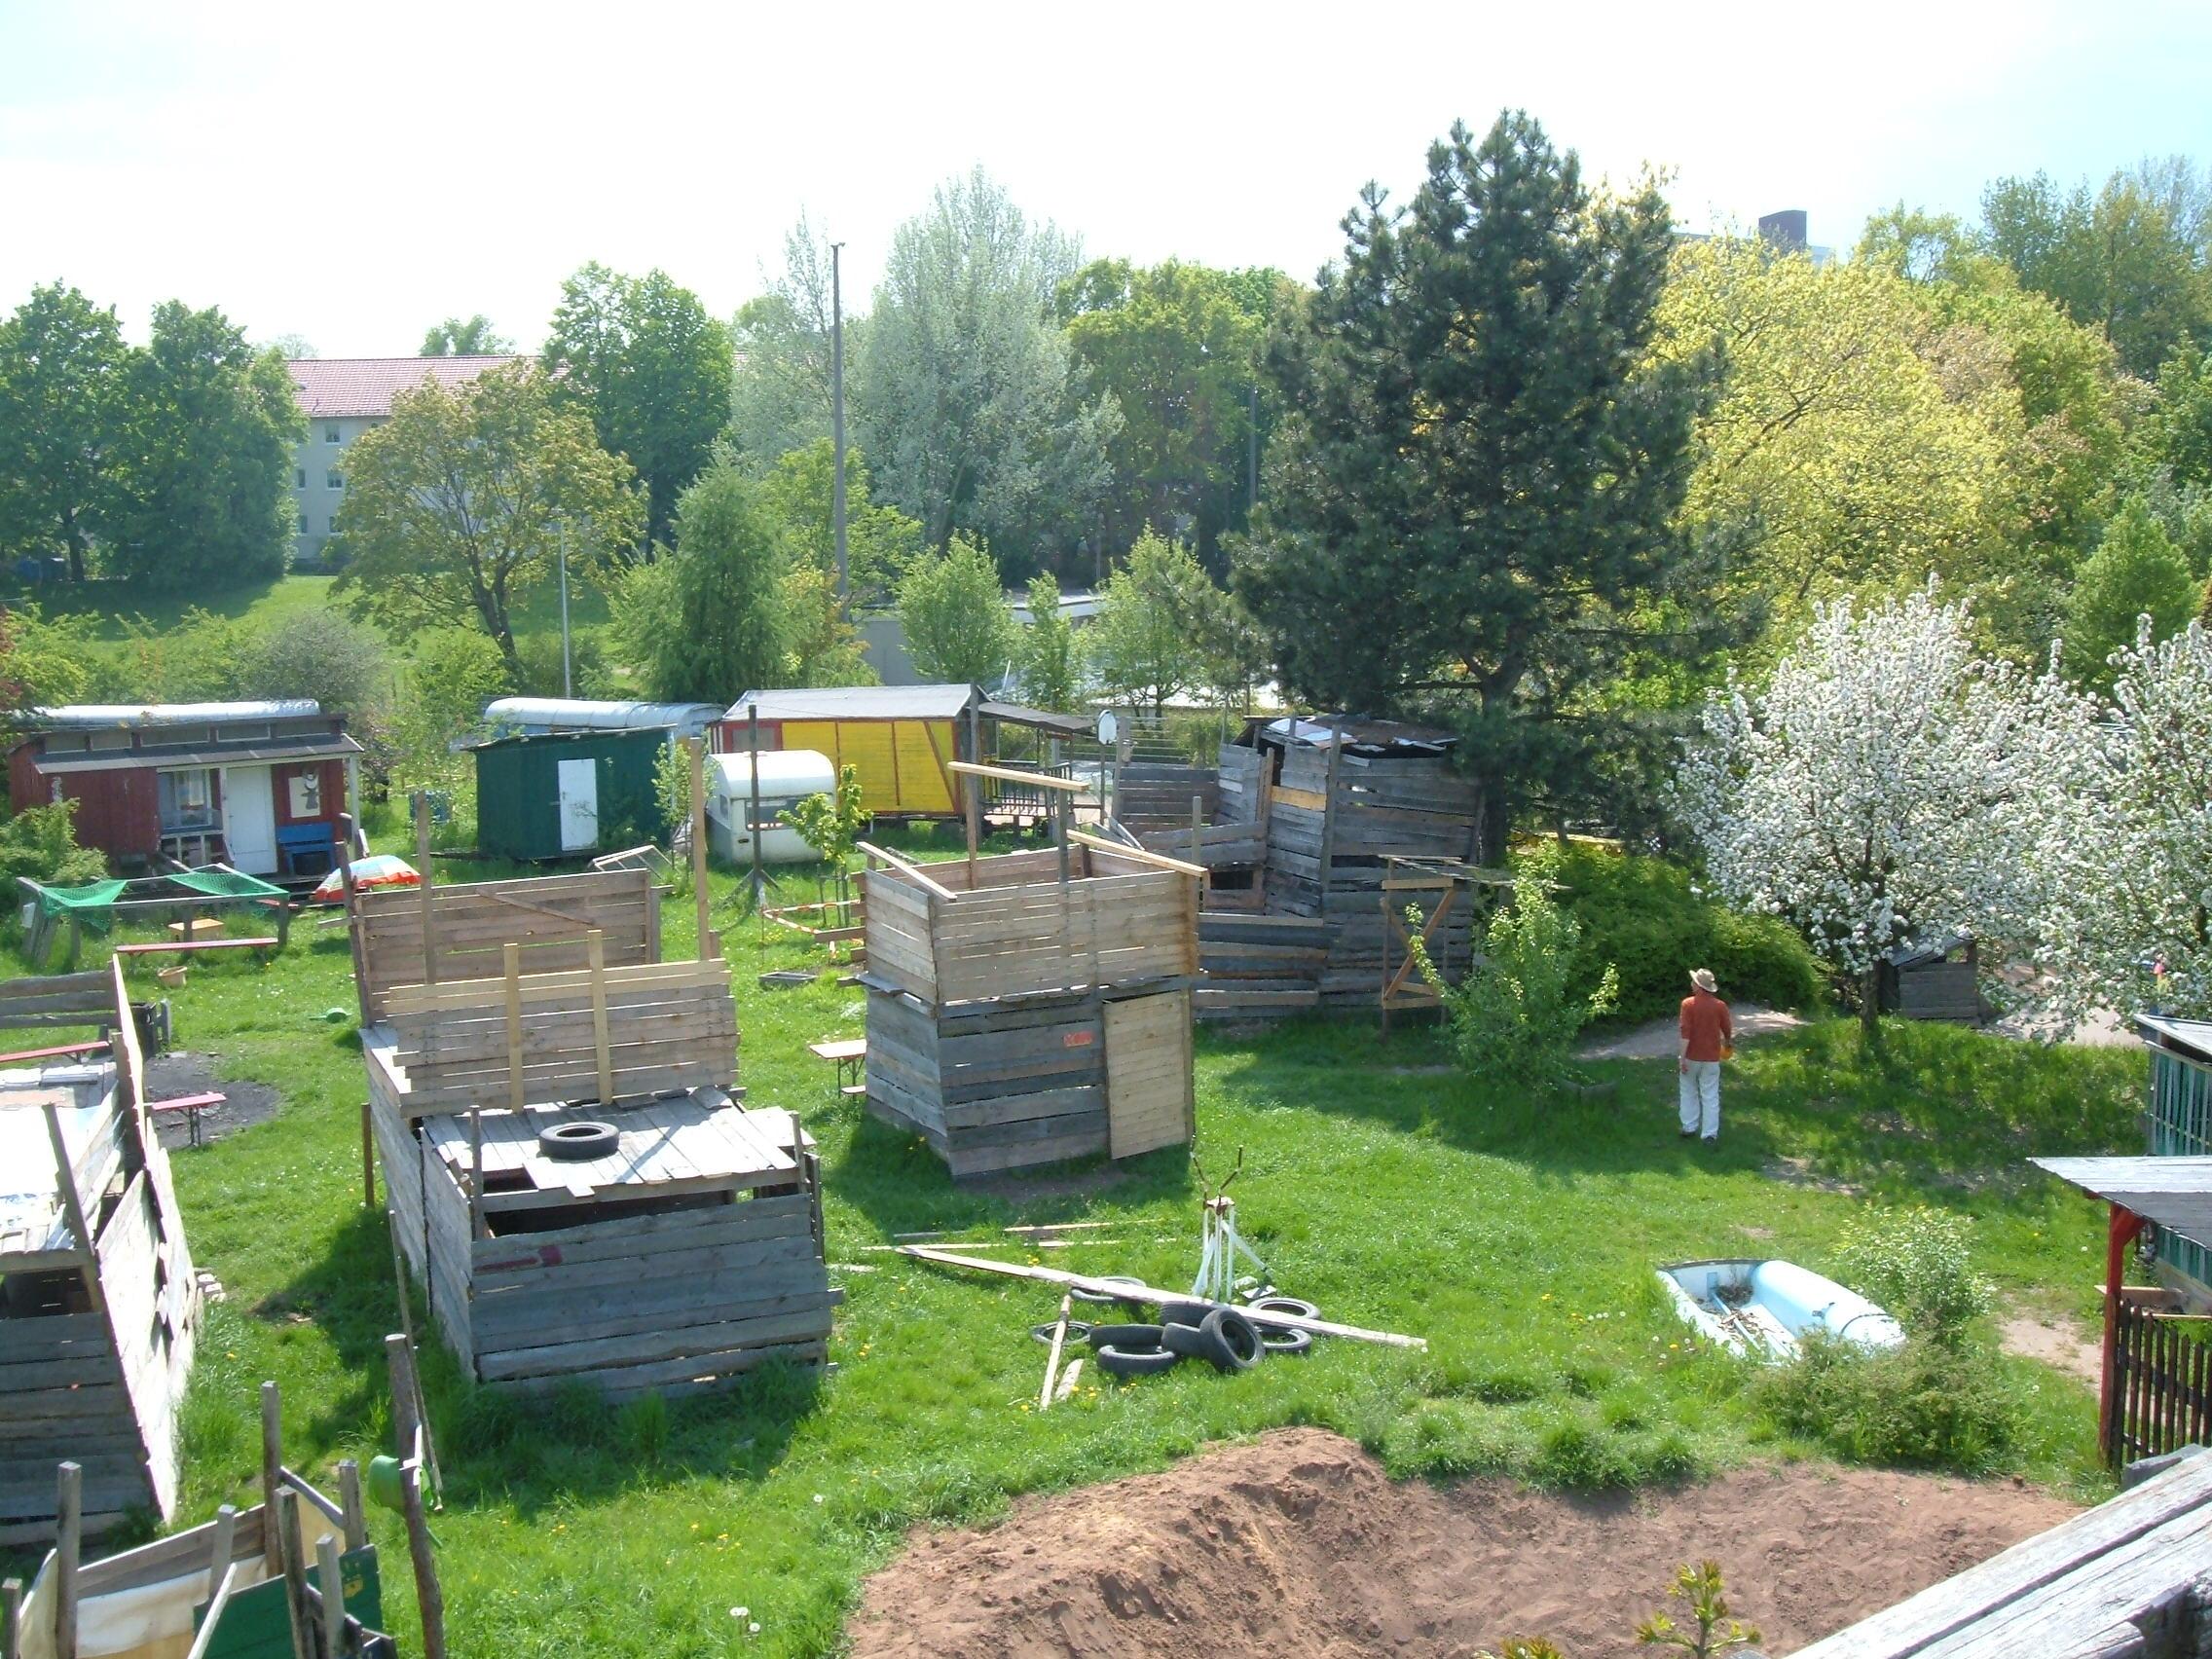 Blühender Garten mit mehreren selbstgebauten Holzhütten und Bauwägen